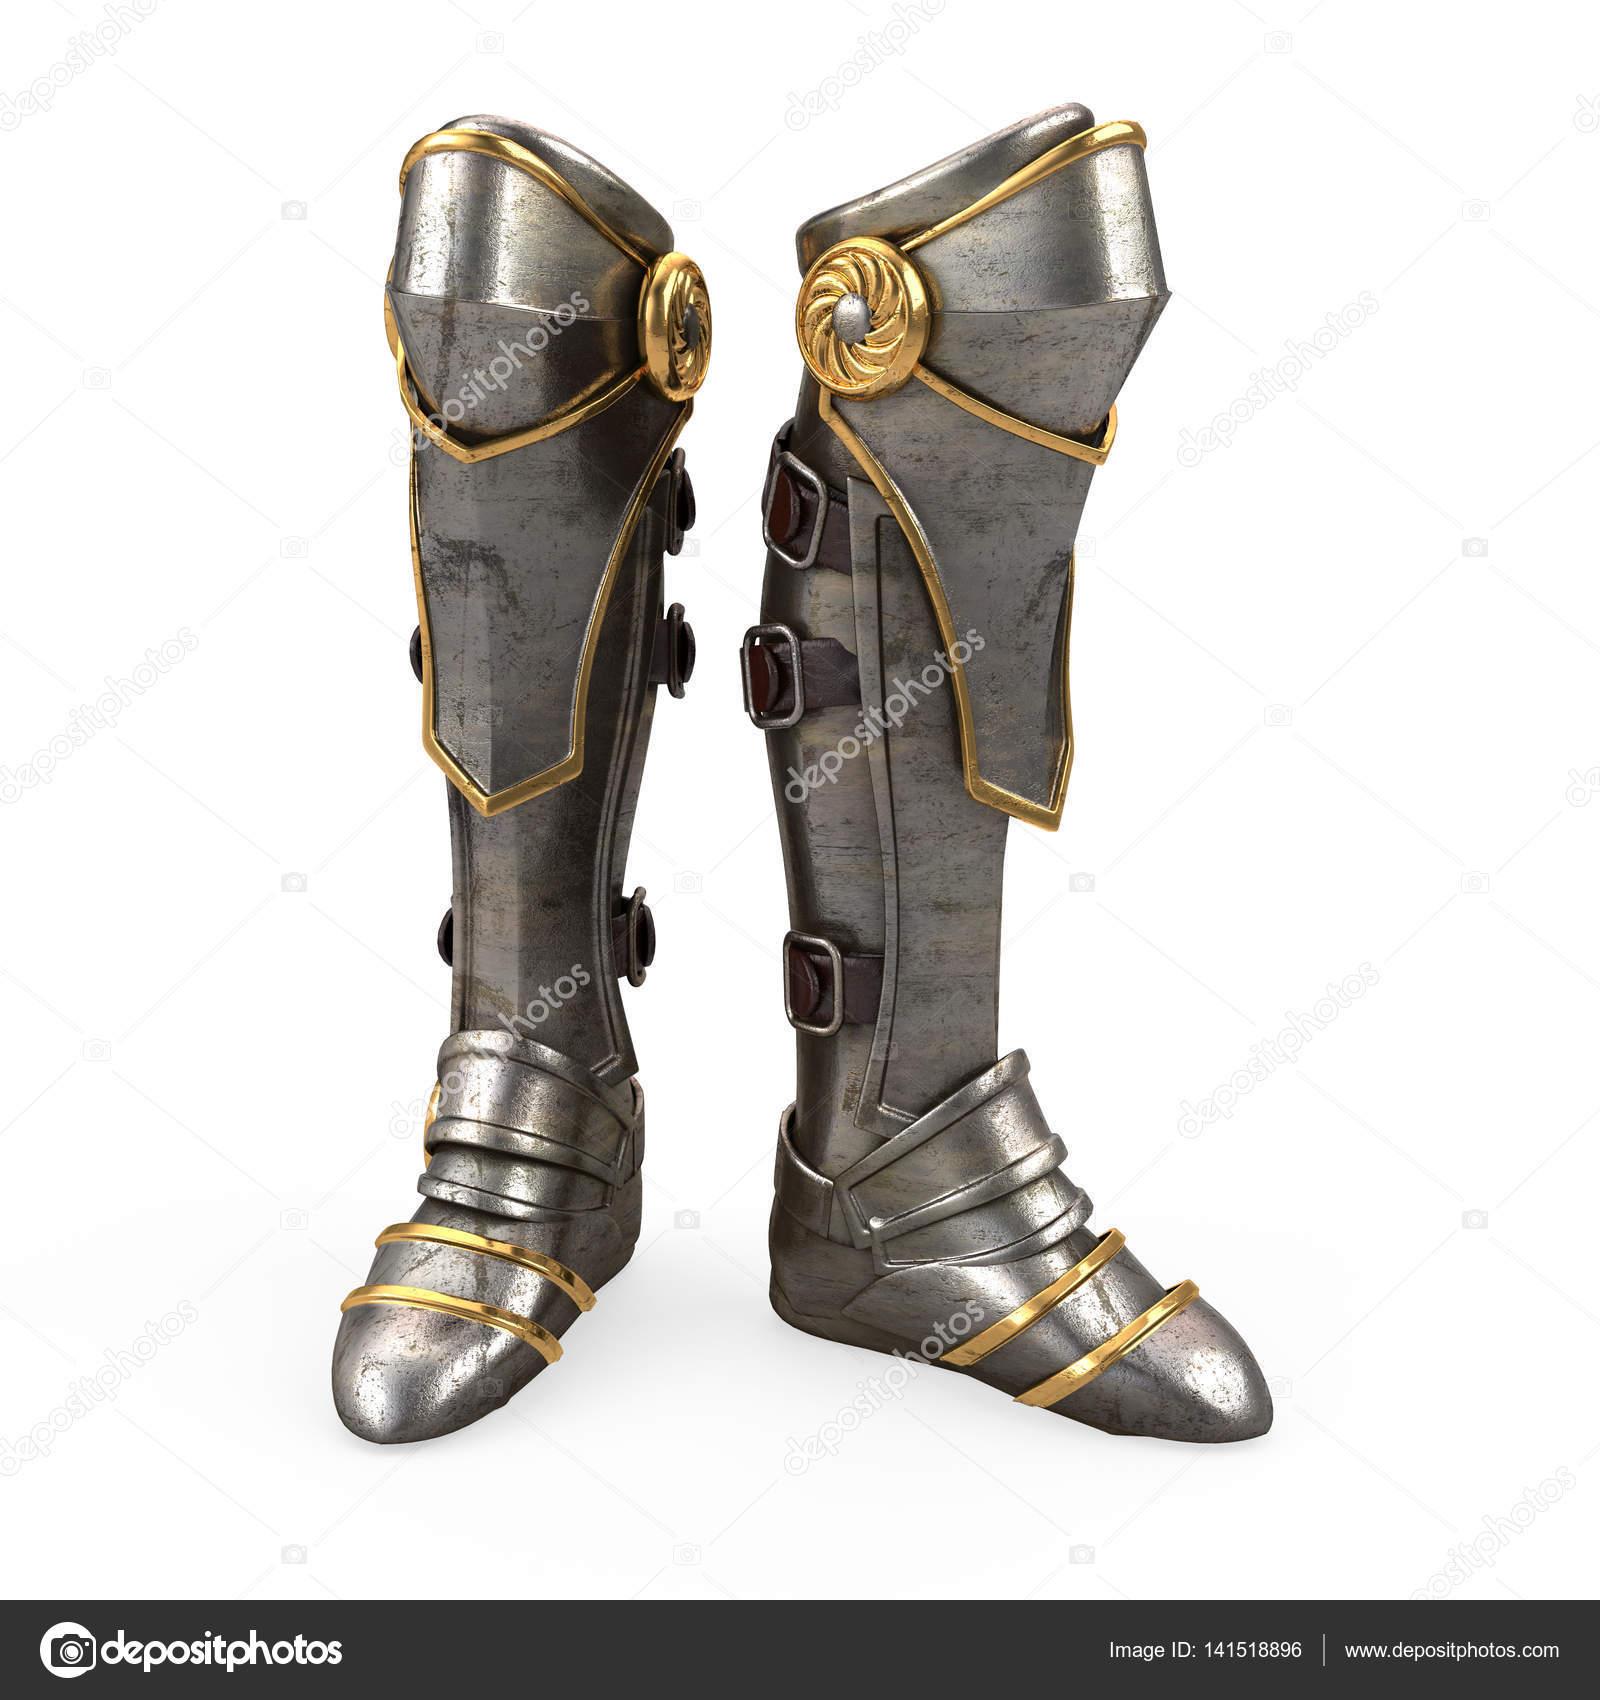 Eviter que le passager colle ses talons sur le pot echappe Depositphotos_141518896-stock-photo-iron-fantasy-high-boots-knight